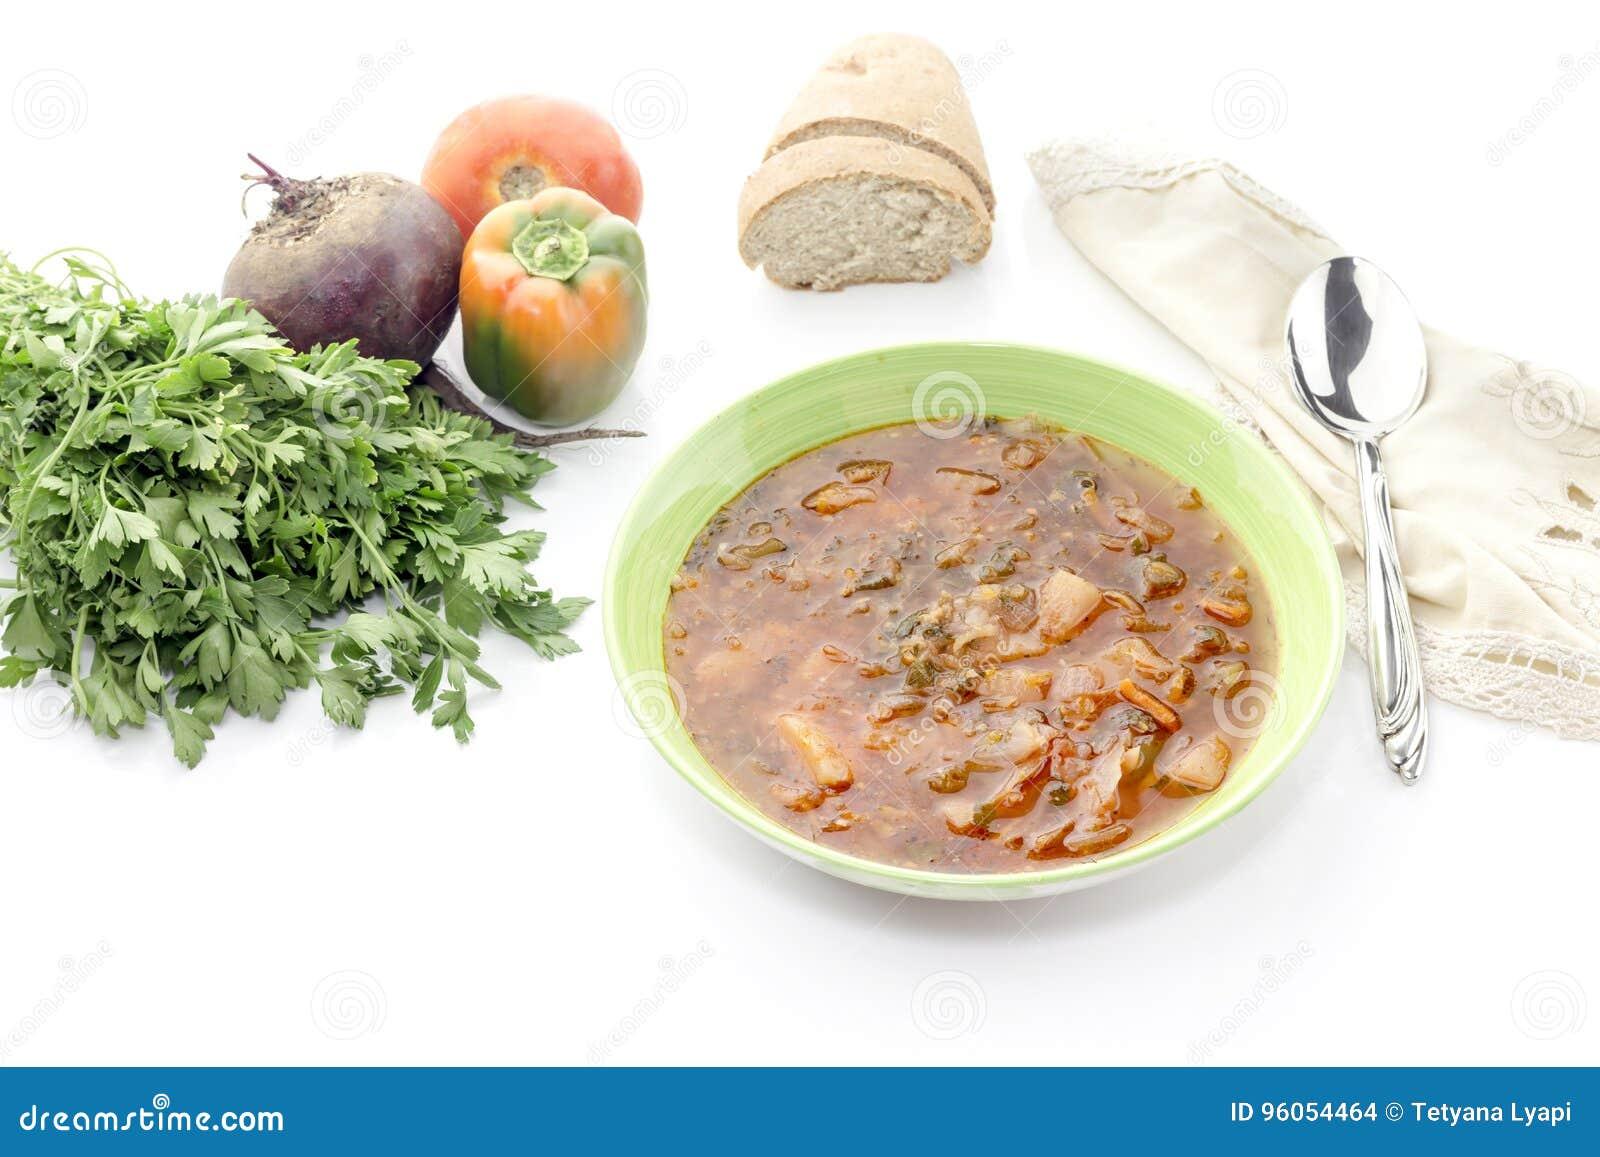 Borscht dans une cuvette